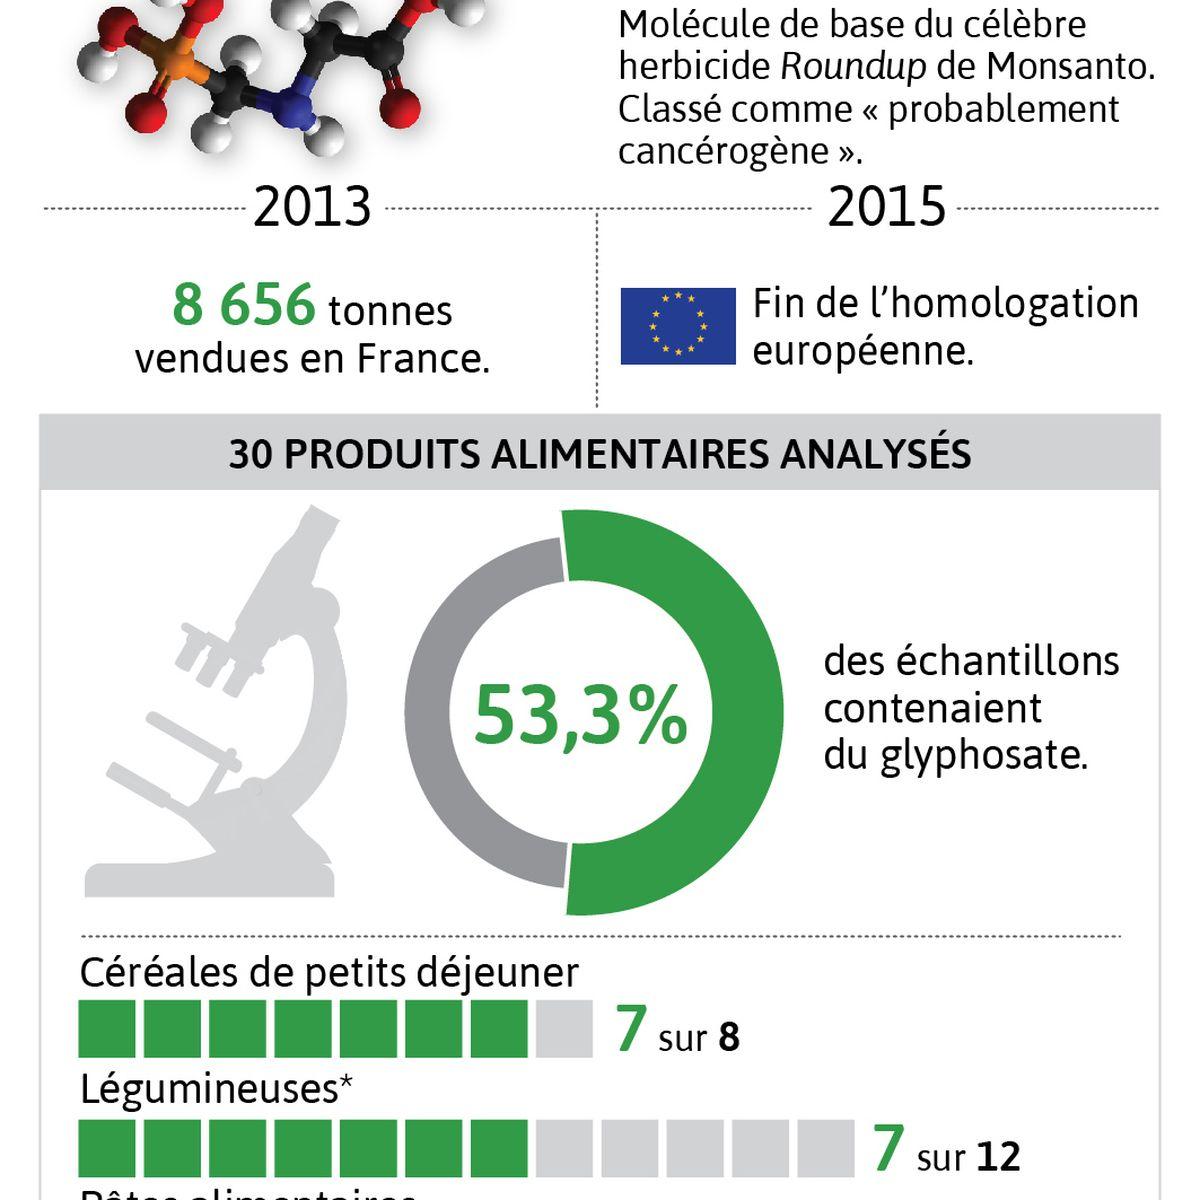 Glyphosate Des Traces De L Herbicide Trouvées Dans Des Produits De Consommation Courante